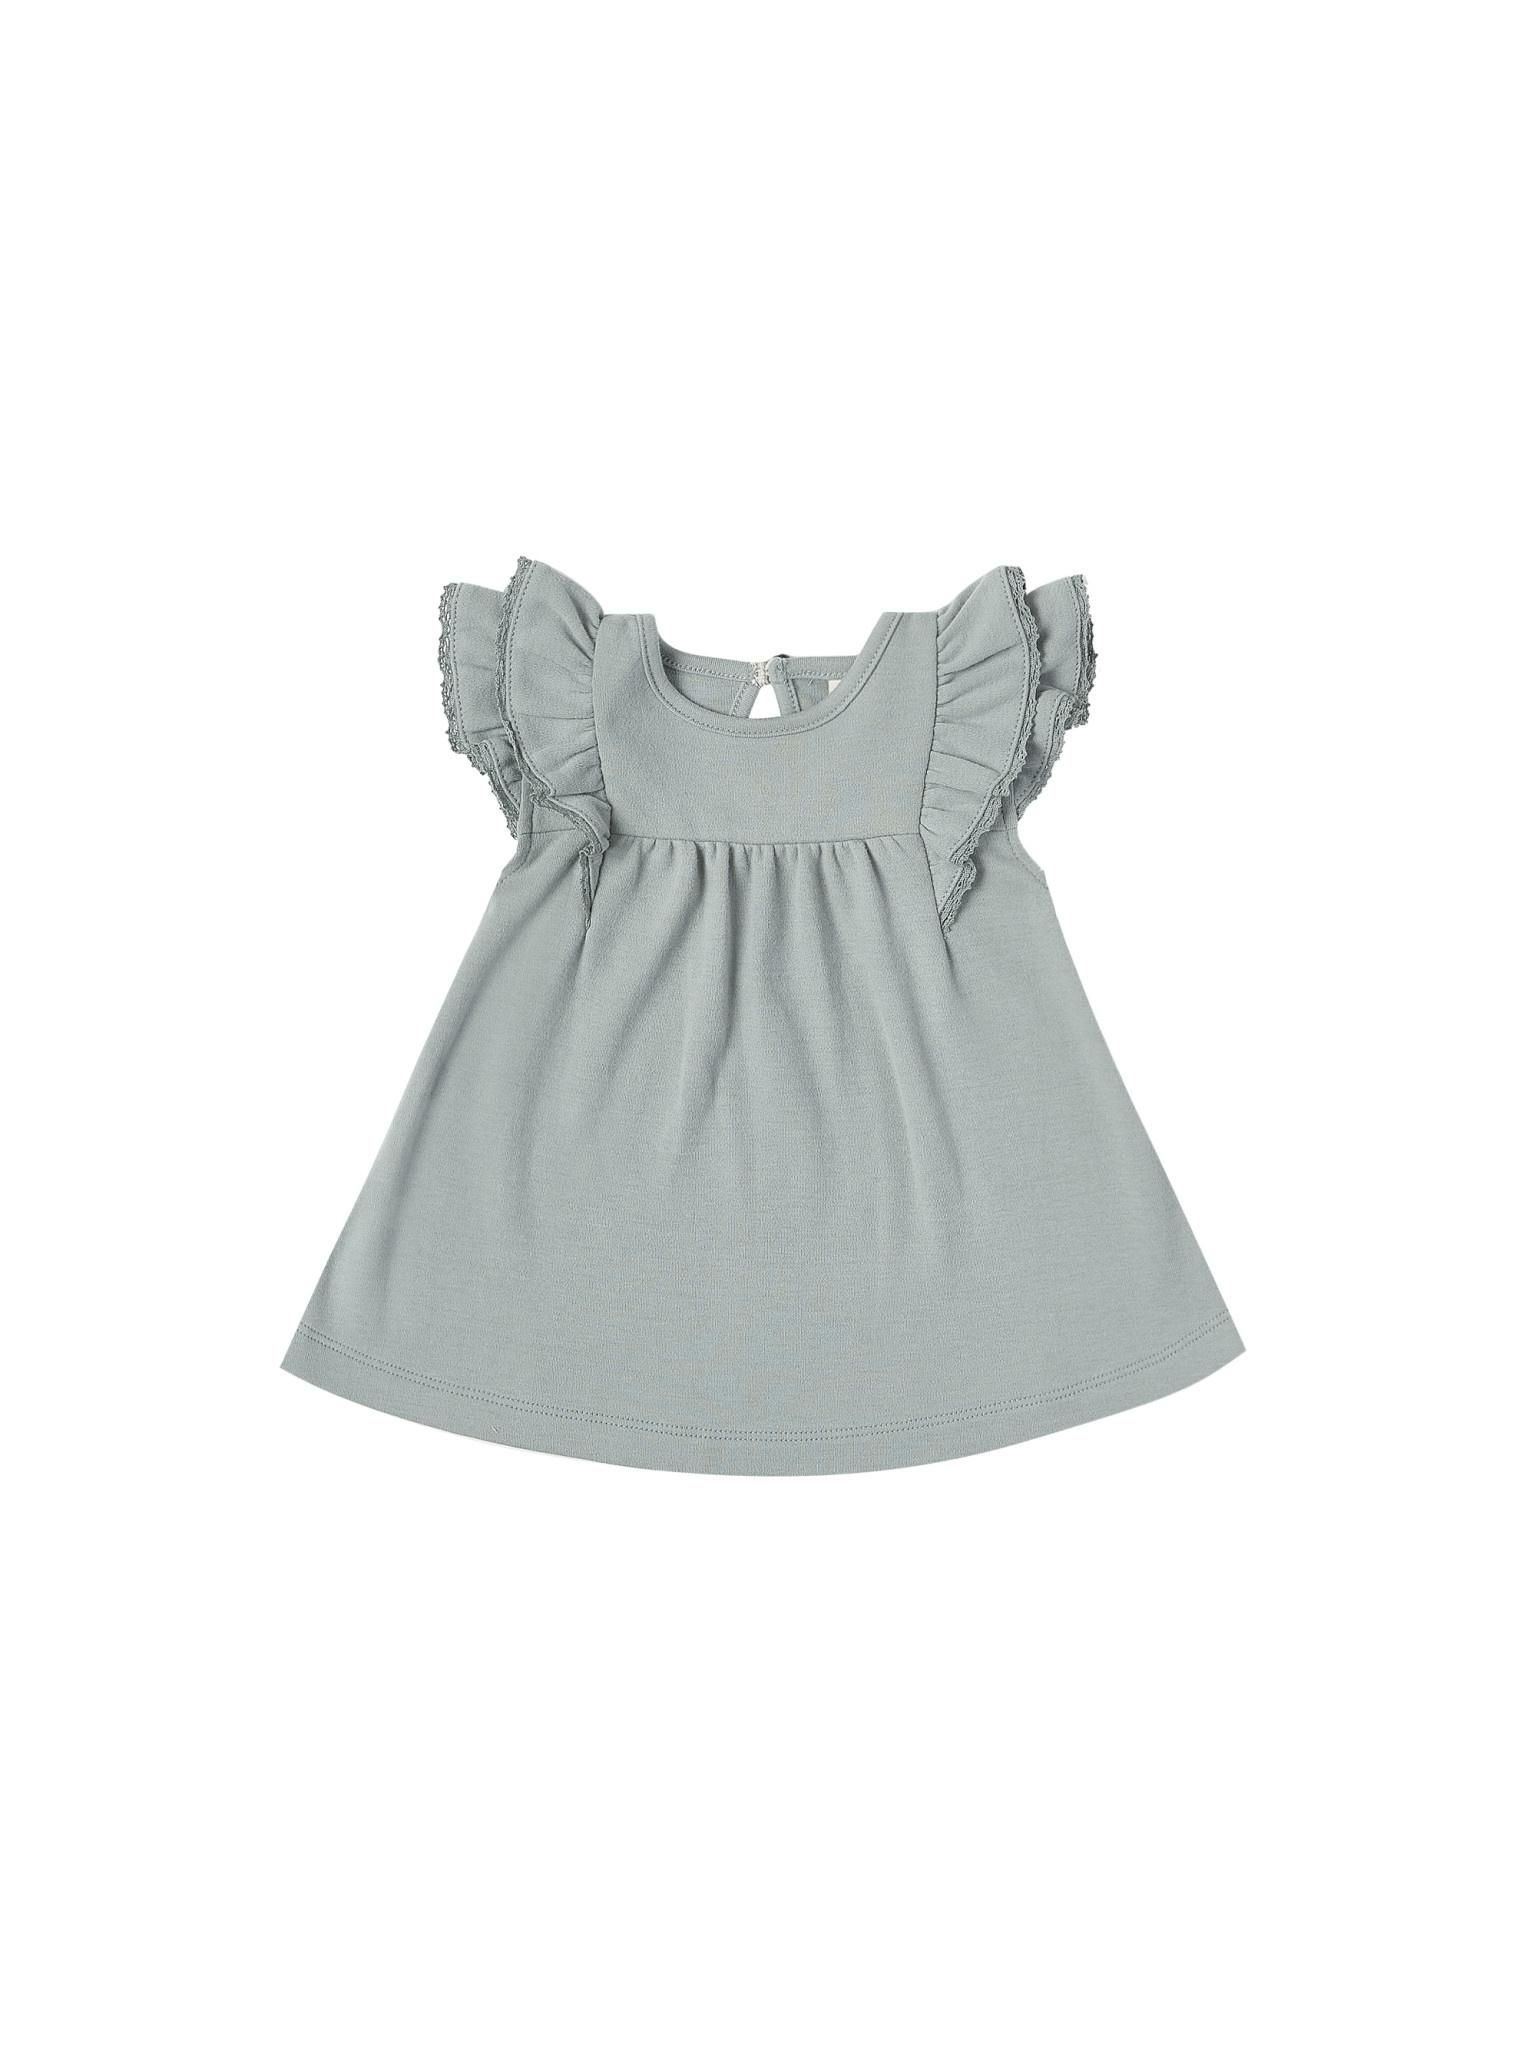 Quincy Mae Flutter Dress - Ocean